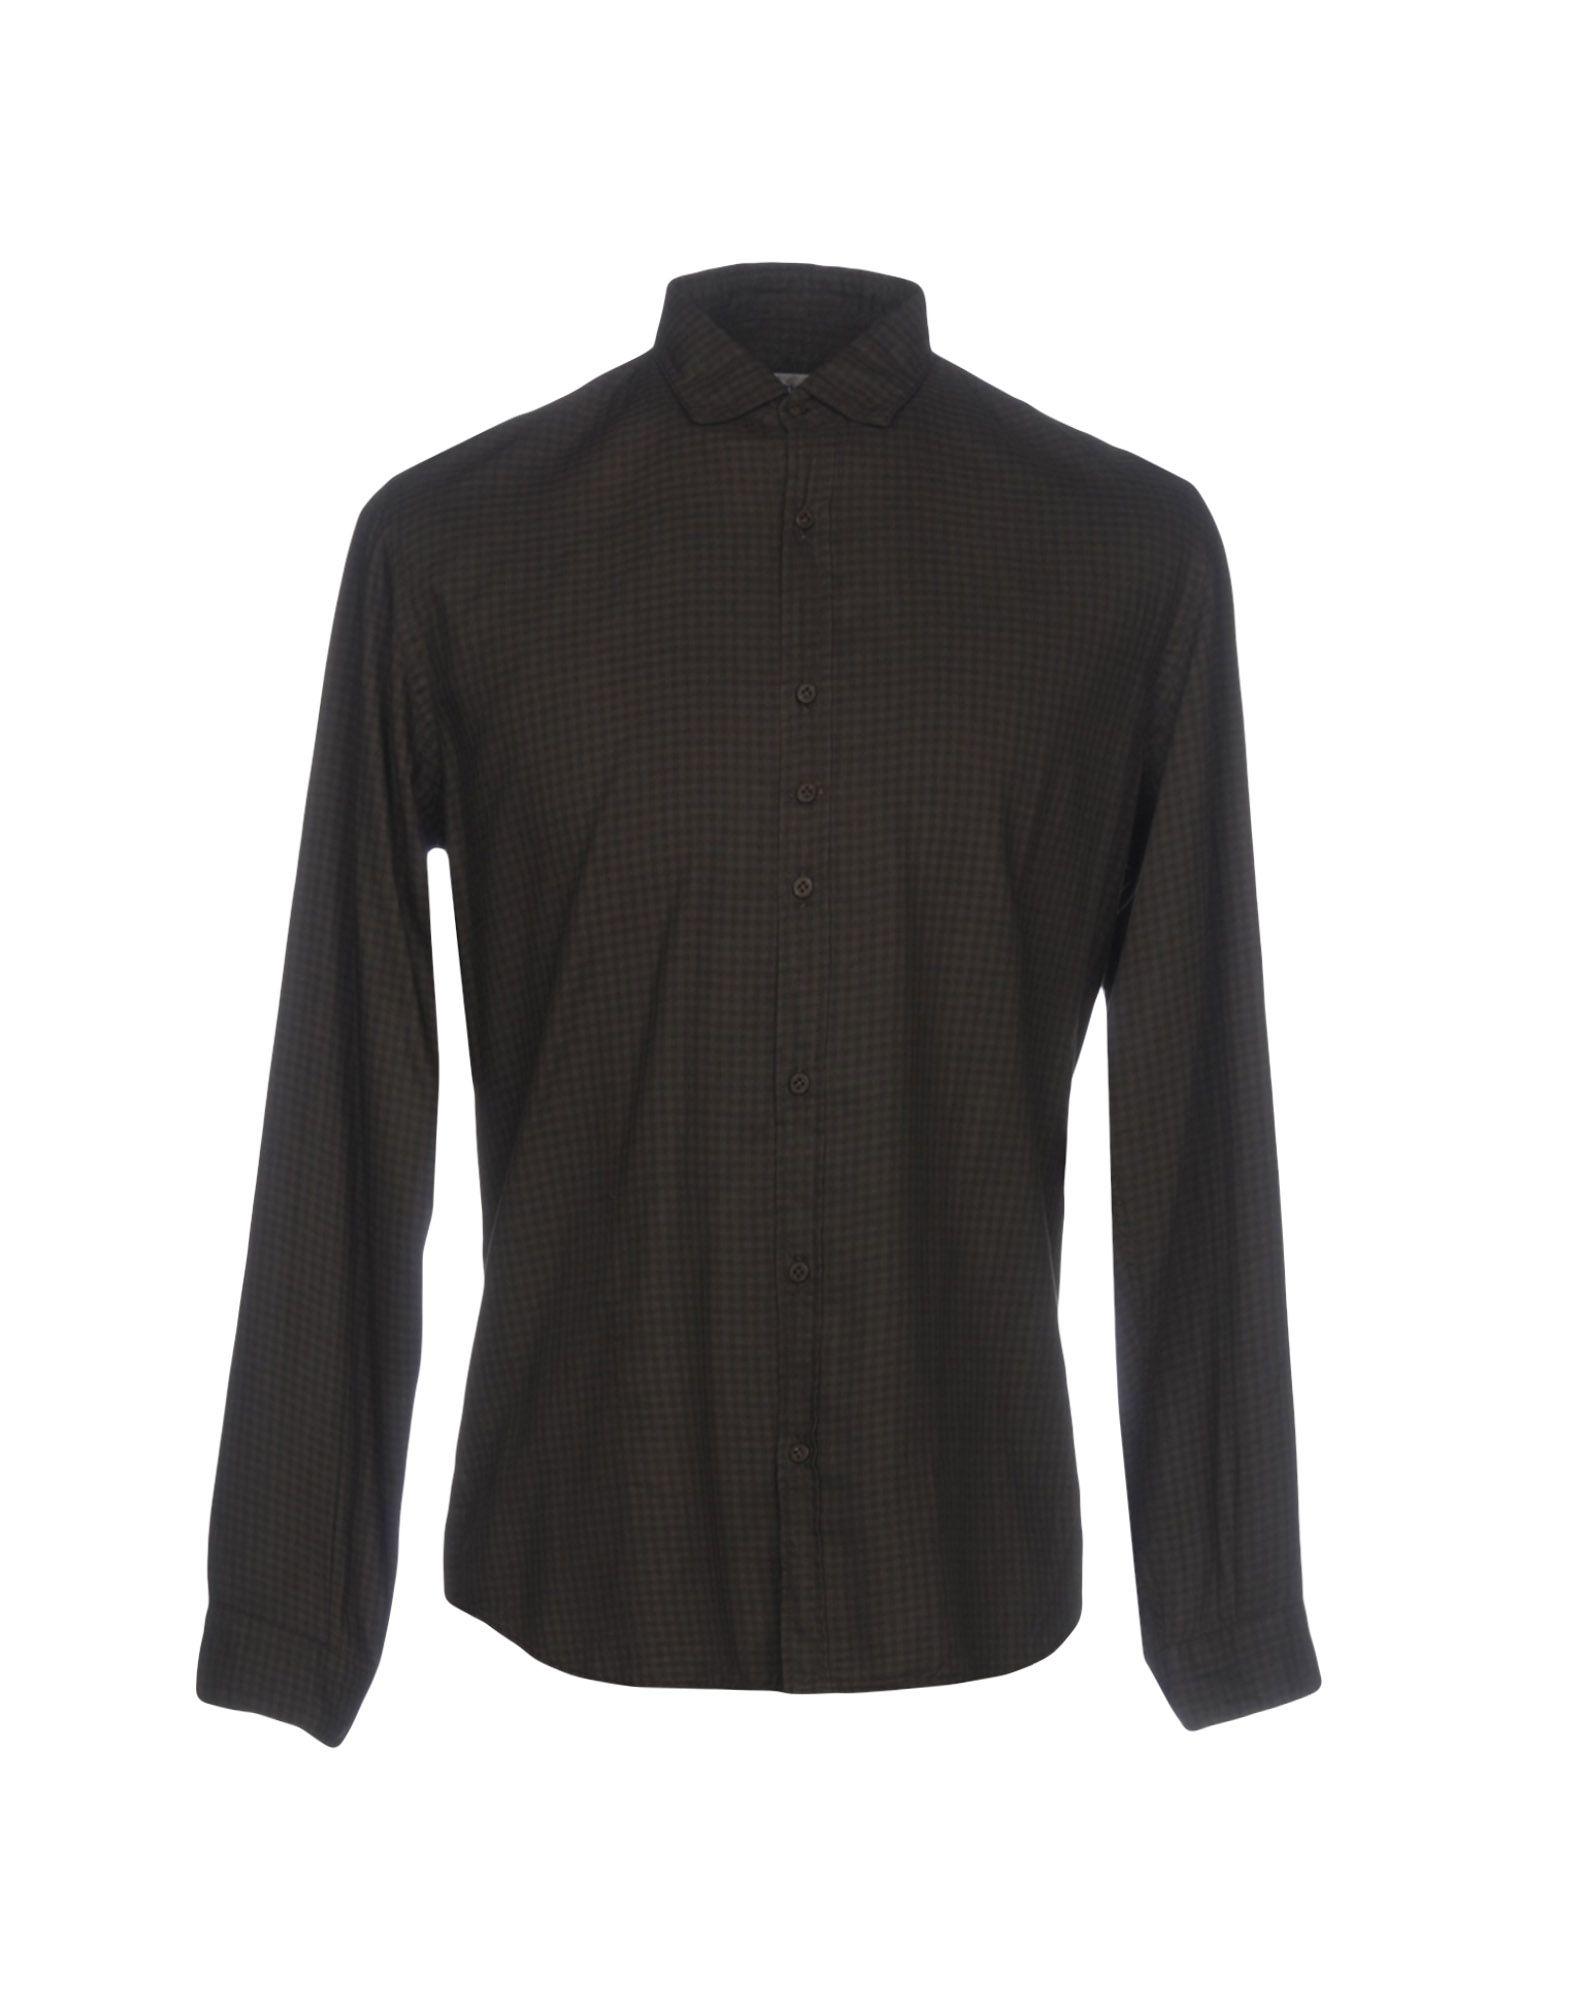 《送料無料》COSTUMEIN メンズ シャツ ダークブラウン 48 コットン 100%